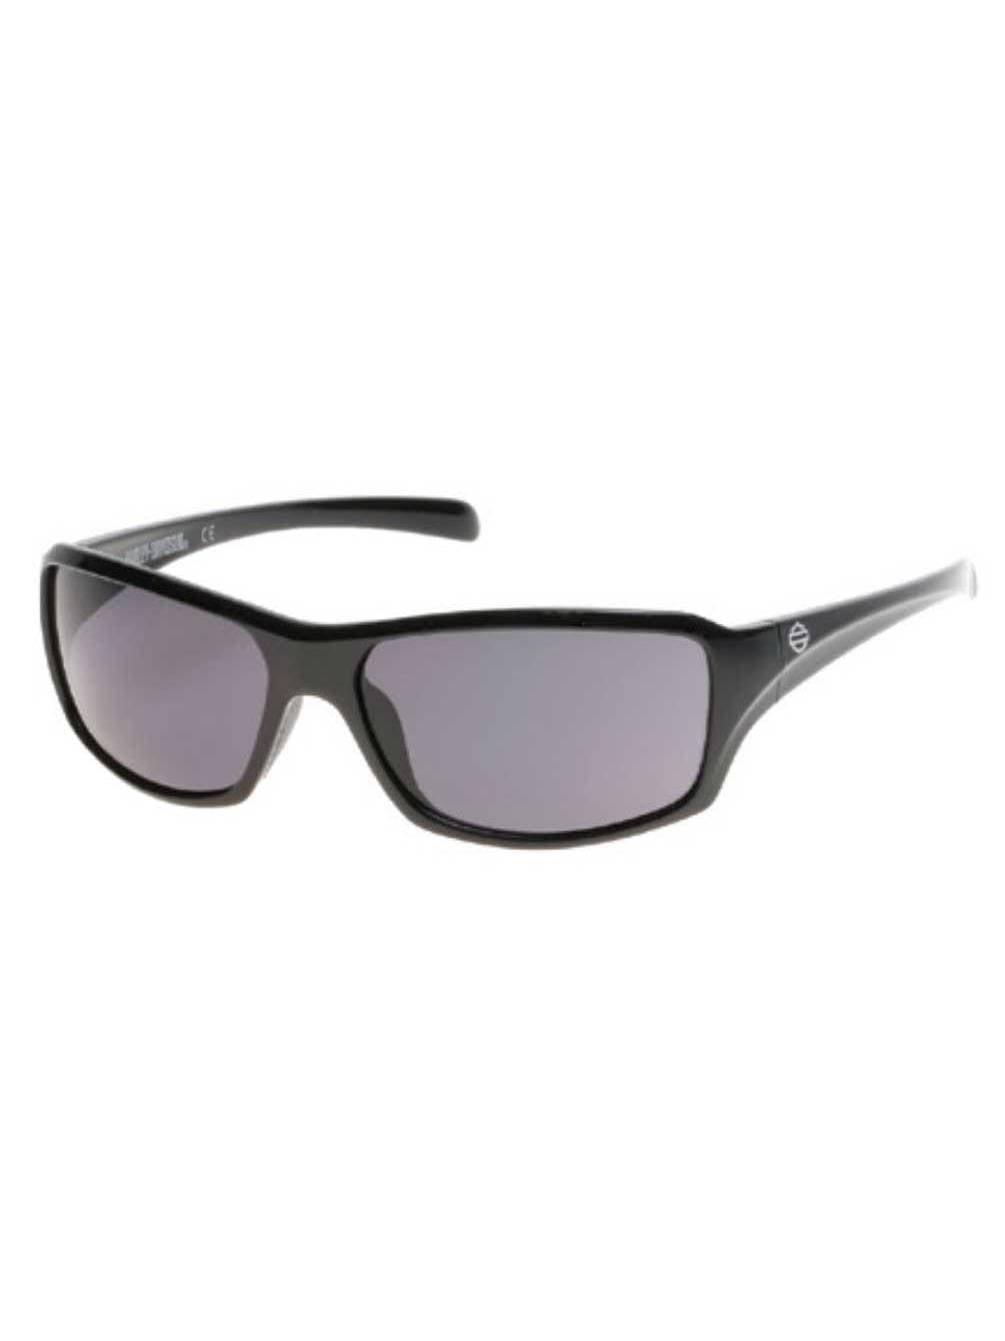 23e3ee8f579b0 Harley-Davidson - Harley-Davidson Men s Bar   Shield Sunglasses ...